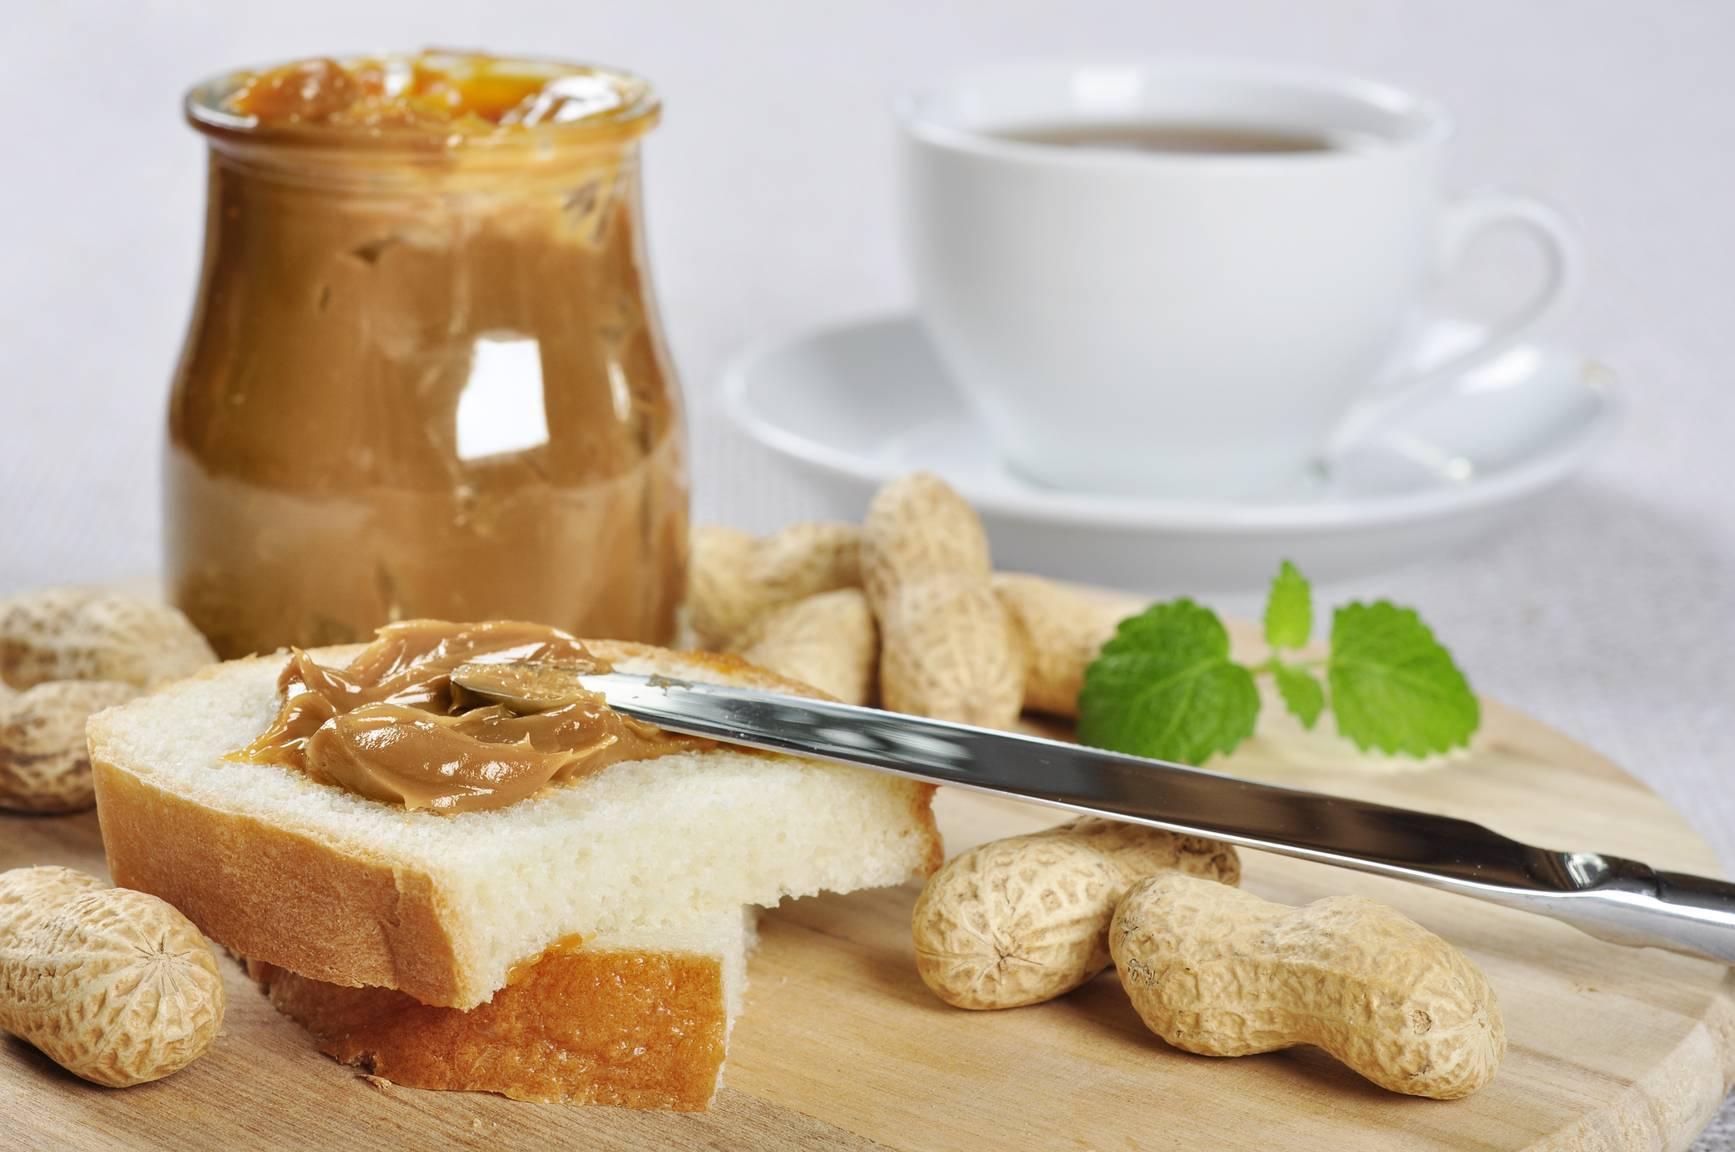 Арахисовое масло: польза, вред, состав, приготовление, рецепты